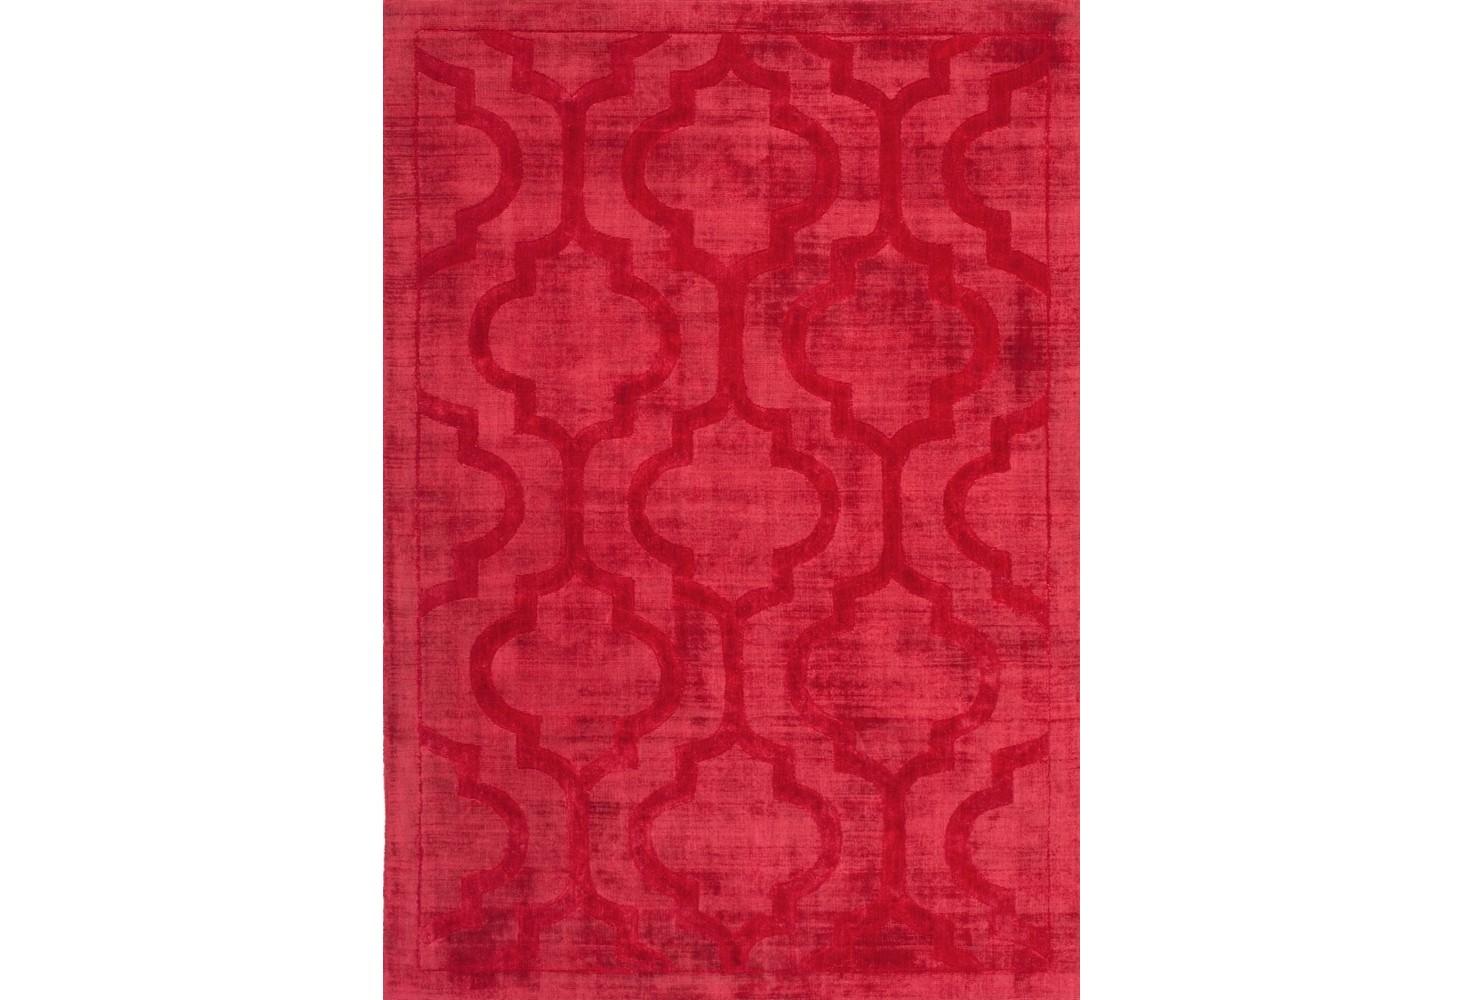 Ковер Eternity 200х290Прямоугольные ковры<br>Мягкие и шелковистые ковры ручной работы, <br>очень красиво блестят и переливаются в <br>зависимости от освещения в интерьере. При <br>дневном освещении оттенок может быть бледнее, <br>при искусственном более насыщенным.&amp;amp;nbsp;&amp;lt;div&amp;gt;&amp;lt;br&amp;gt;&amp;lt;/div&amp;gt;&amp;lt;div&amp;gt;Основа - хлопок.&amp;lt;/div&amp;gt;<br><br>Material: Шерсть<br>Ширина см: 200<br>Глубина см: 290